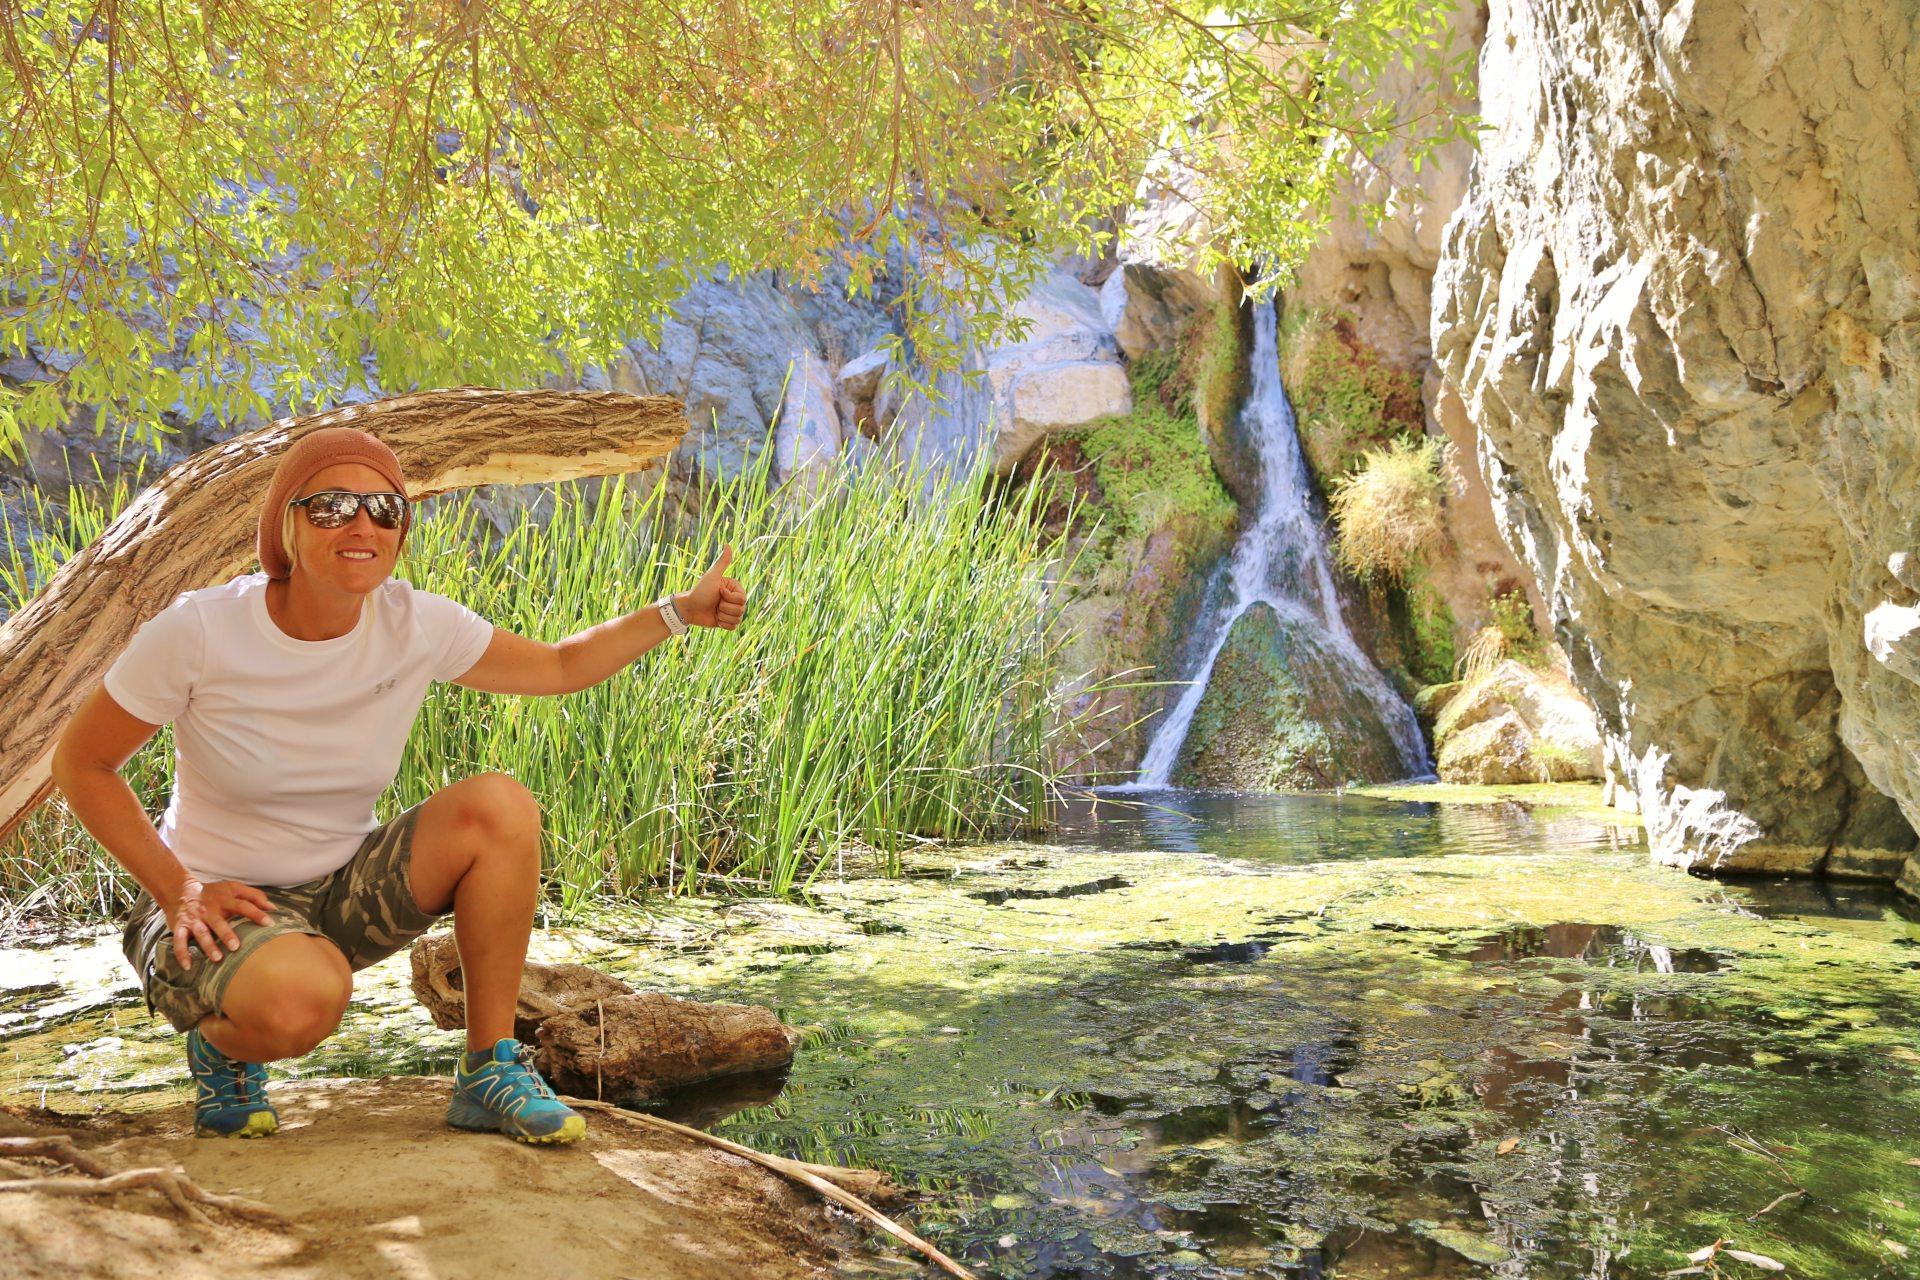 Darwin Falls - da kniest dich nieder! - Algen, Blondine, Darwin Falls, Death Valley National Park, Felswand, Gestein, Gräser, Kalifornien, malerisch, Oase, Personen, Portrait, Porträt, traumhaft, Wasser, Wasserfall - HOFBAUER-HOFMANN Sofia - (Panamint Springs, Darwin, California, Vereinigte Staaten)